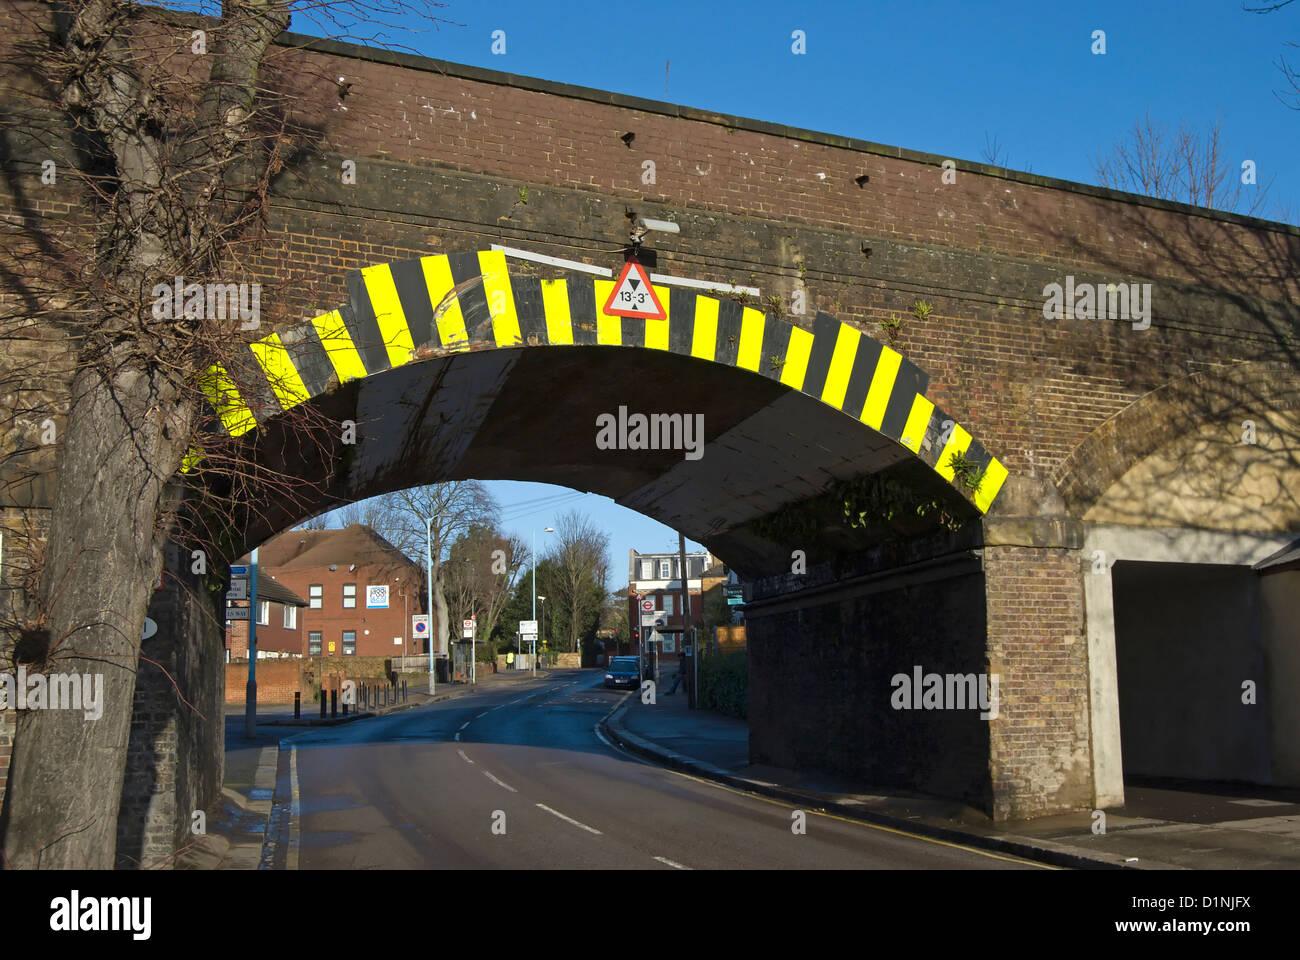 Pont de faible hauteur avec signe et marquages de détresse, Isleworth, Middlesex, Angleterre Photo Stock